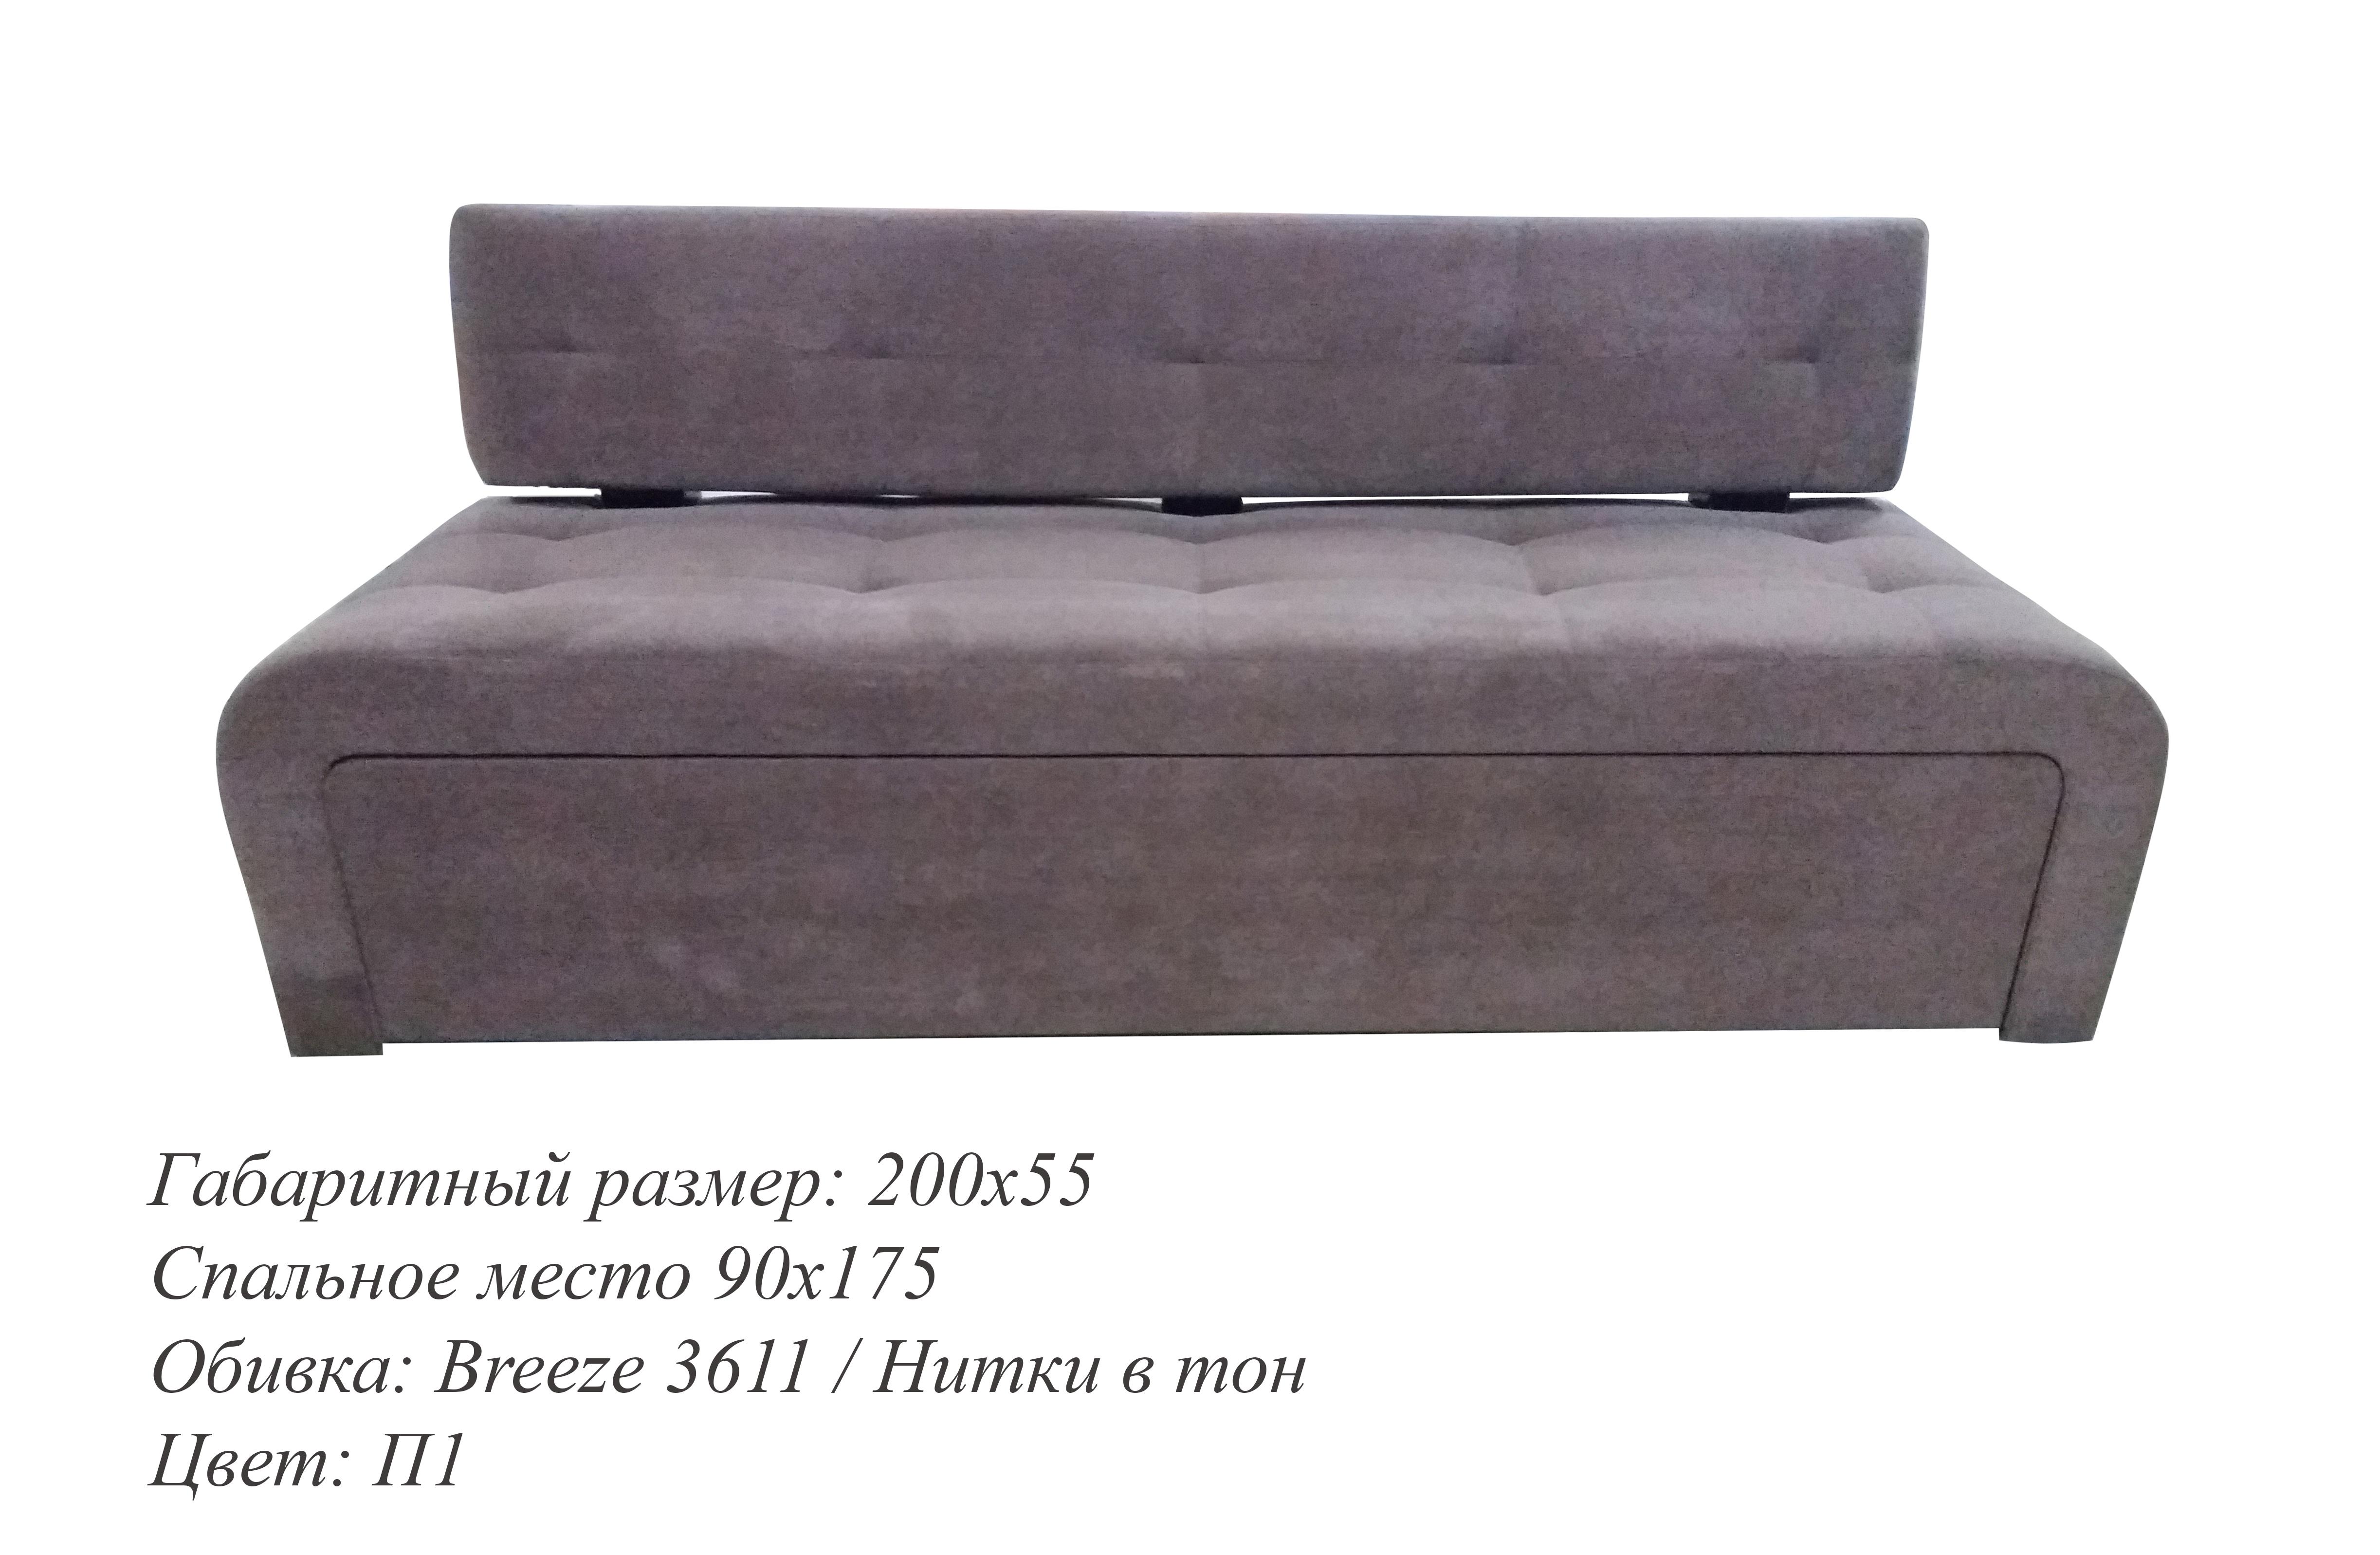 Кухонный диван Бристоль - Breeze — Кухонный диван Бристоль